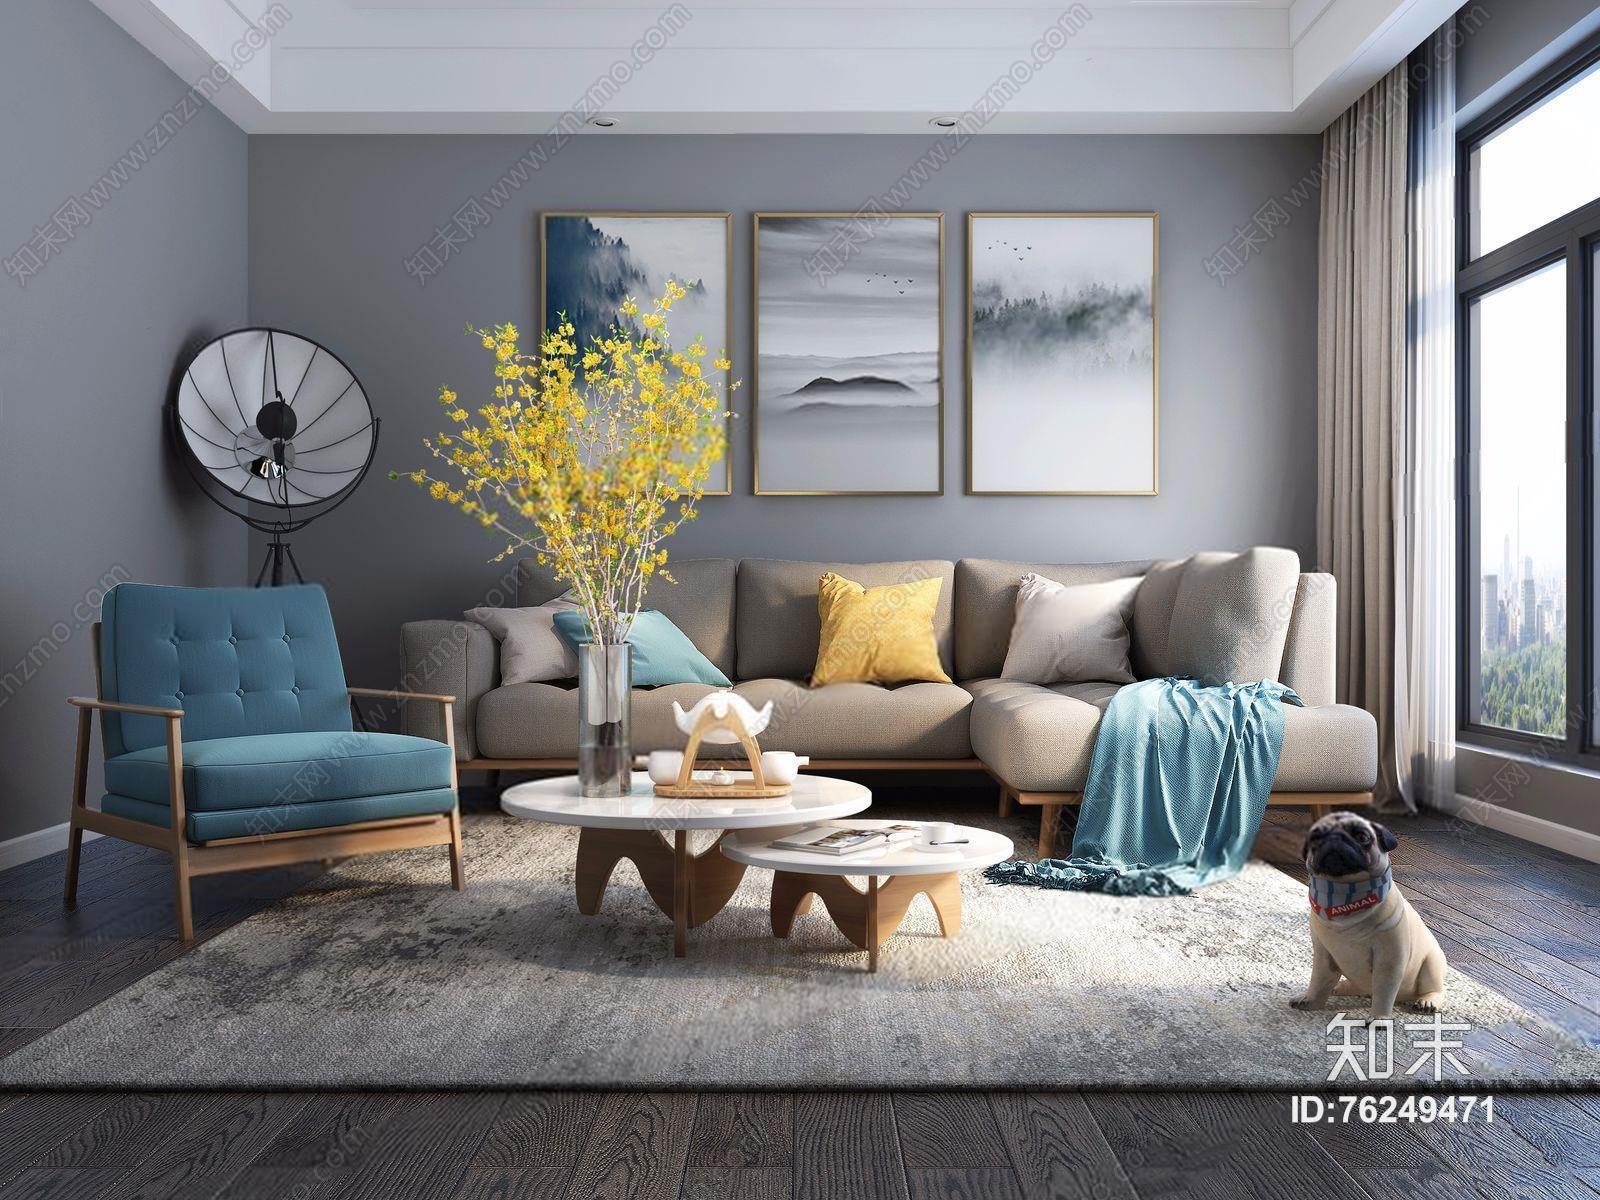 北欧客厅 北欧客厅 多人沙发 圆茶几 休闲椅 落地灯 挂画 花瓶 转角沙发 狗 地毯 窗帘